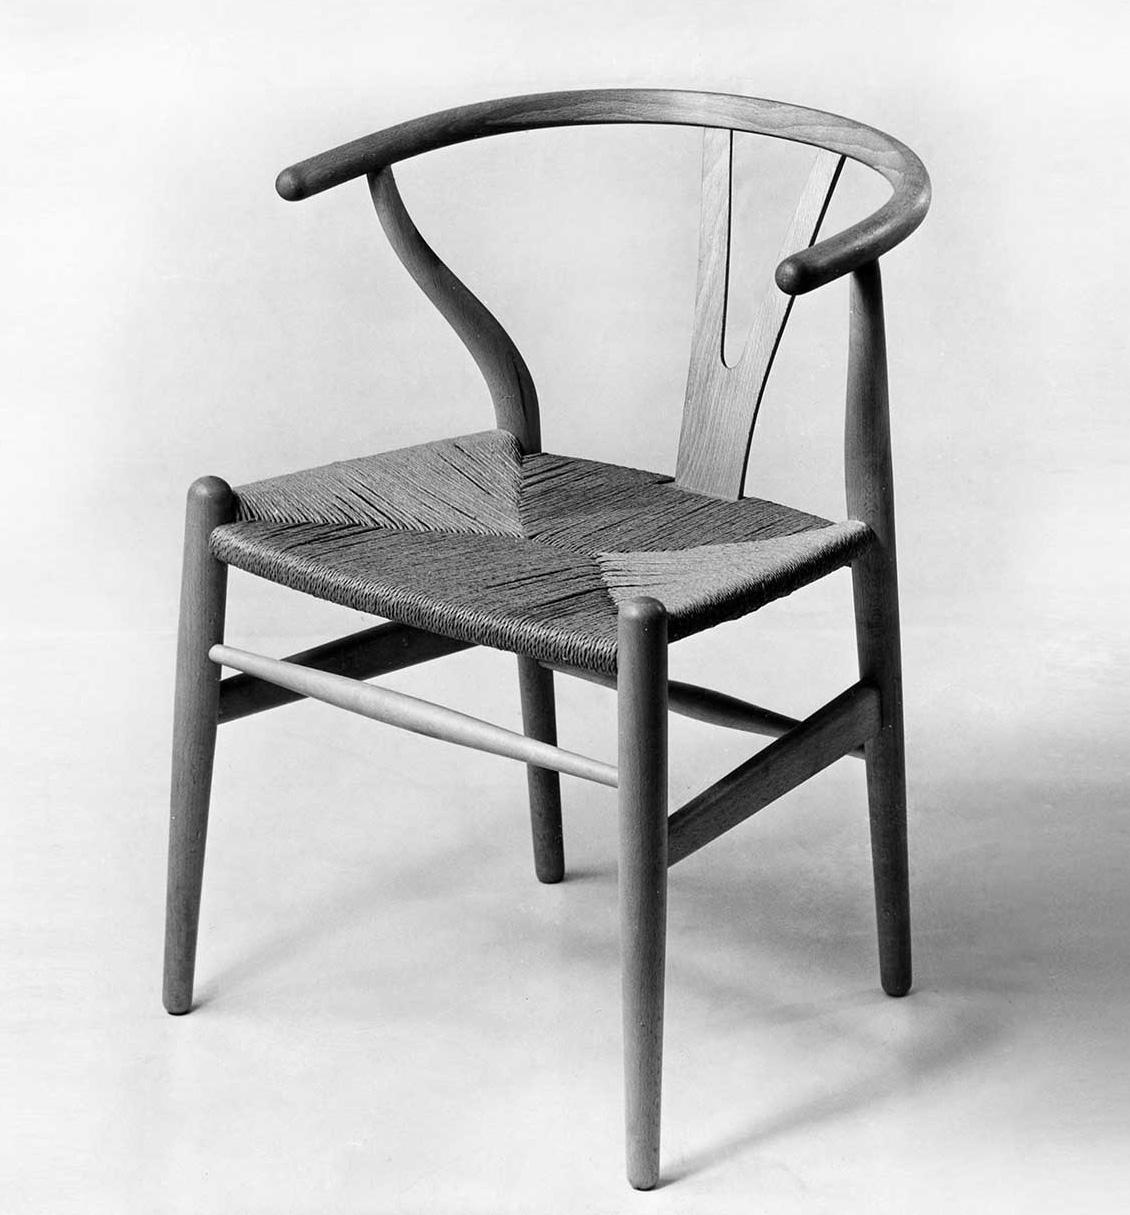 Hans Wegner - Wishbone Chair (1949)